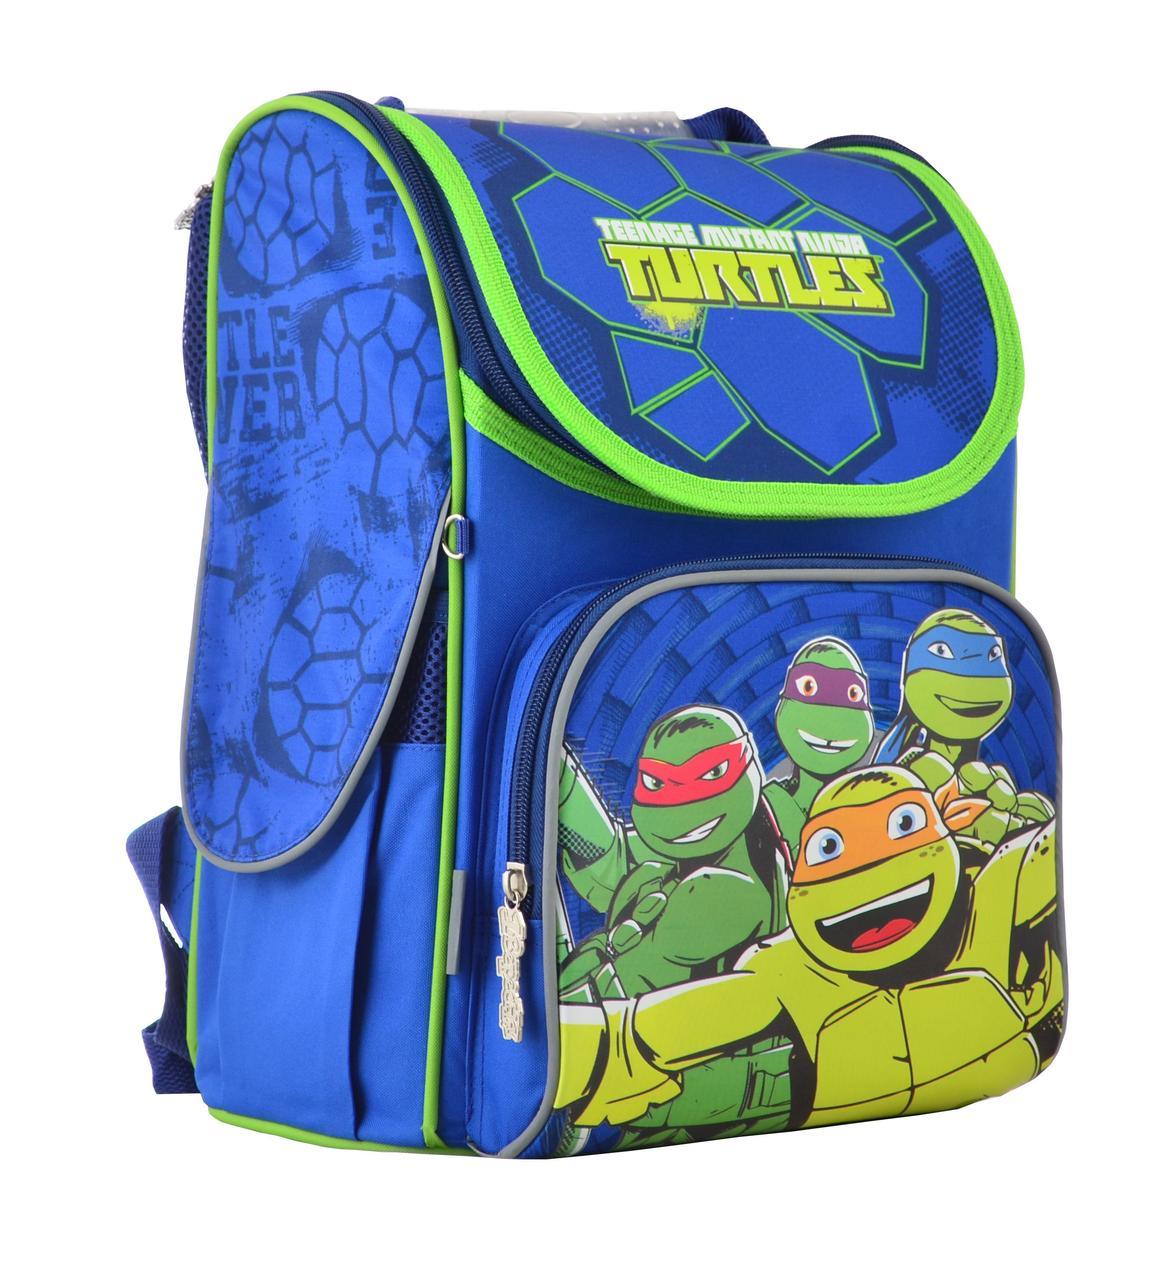 Рюкзак каркасный H-11 Turtles, 33.5*26*13.5